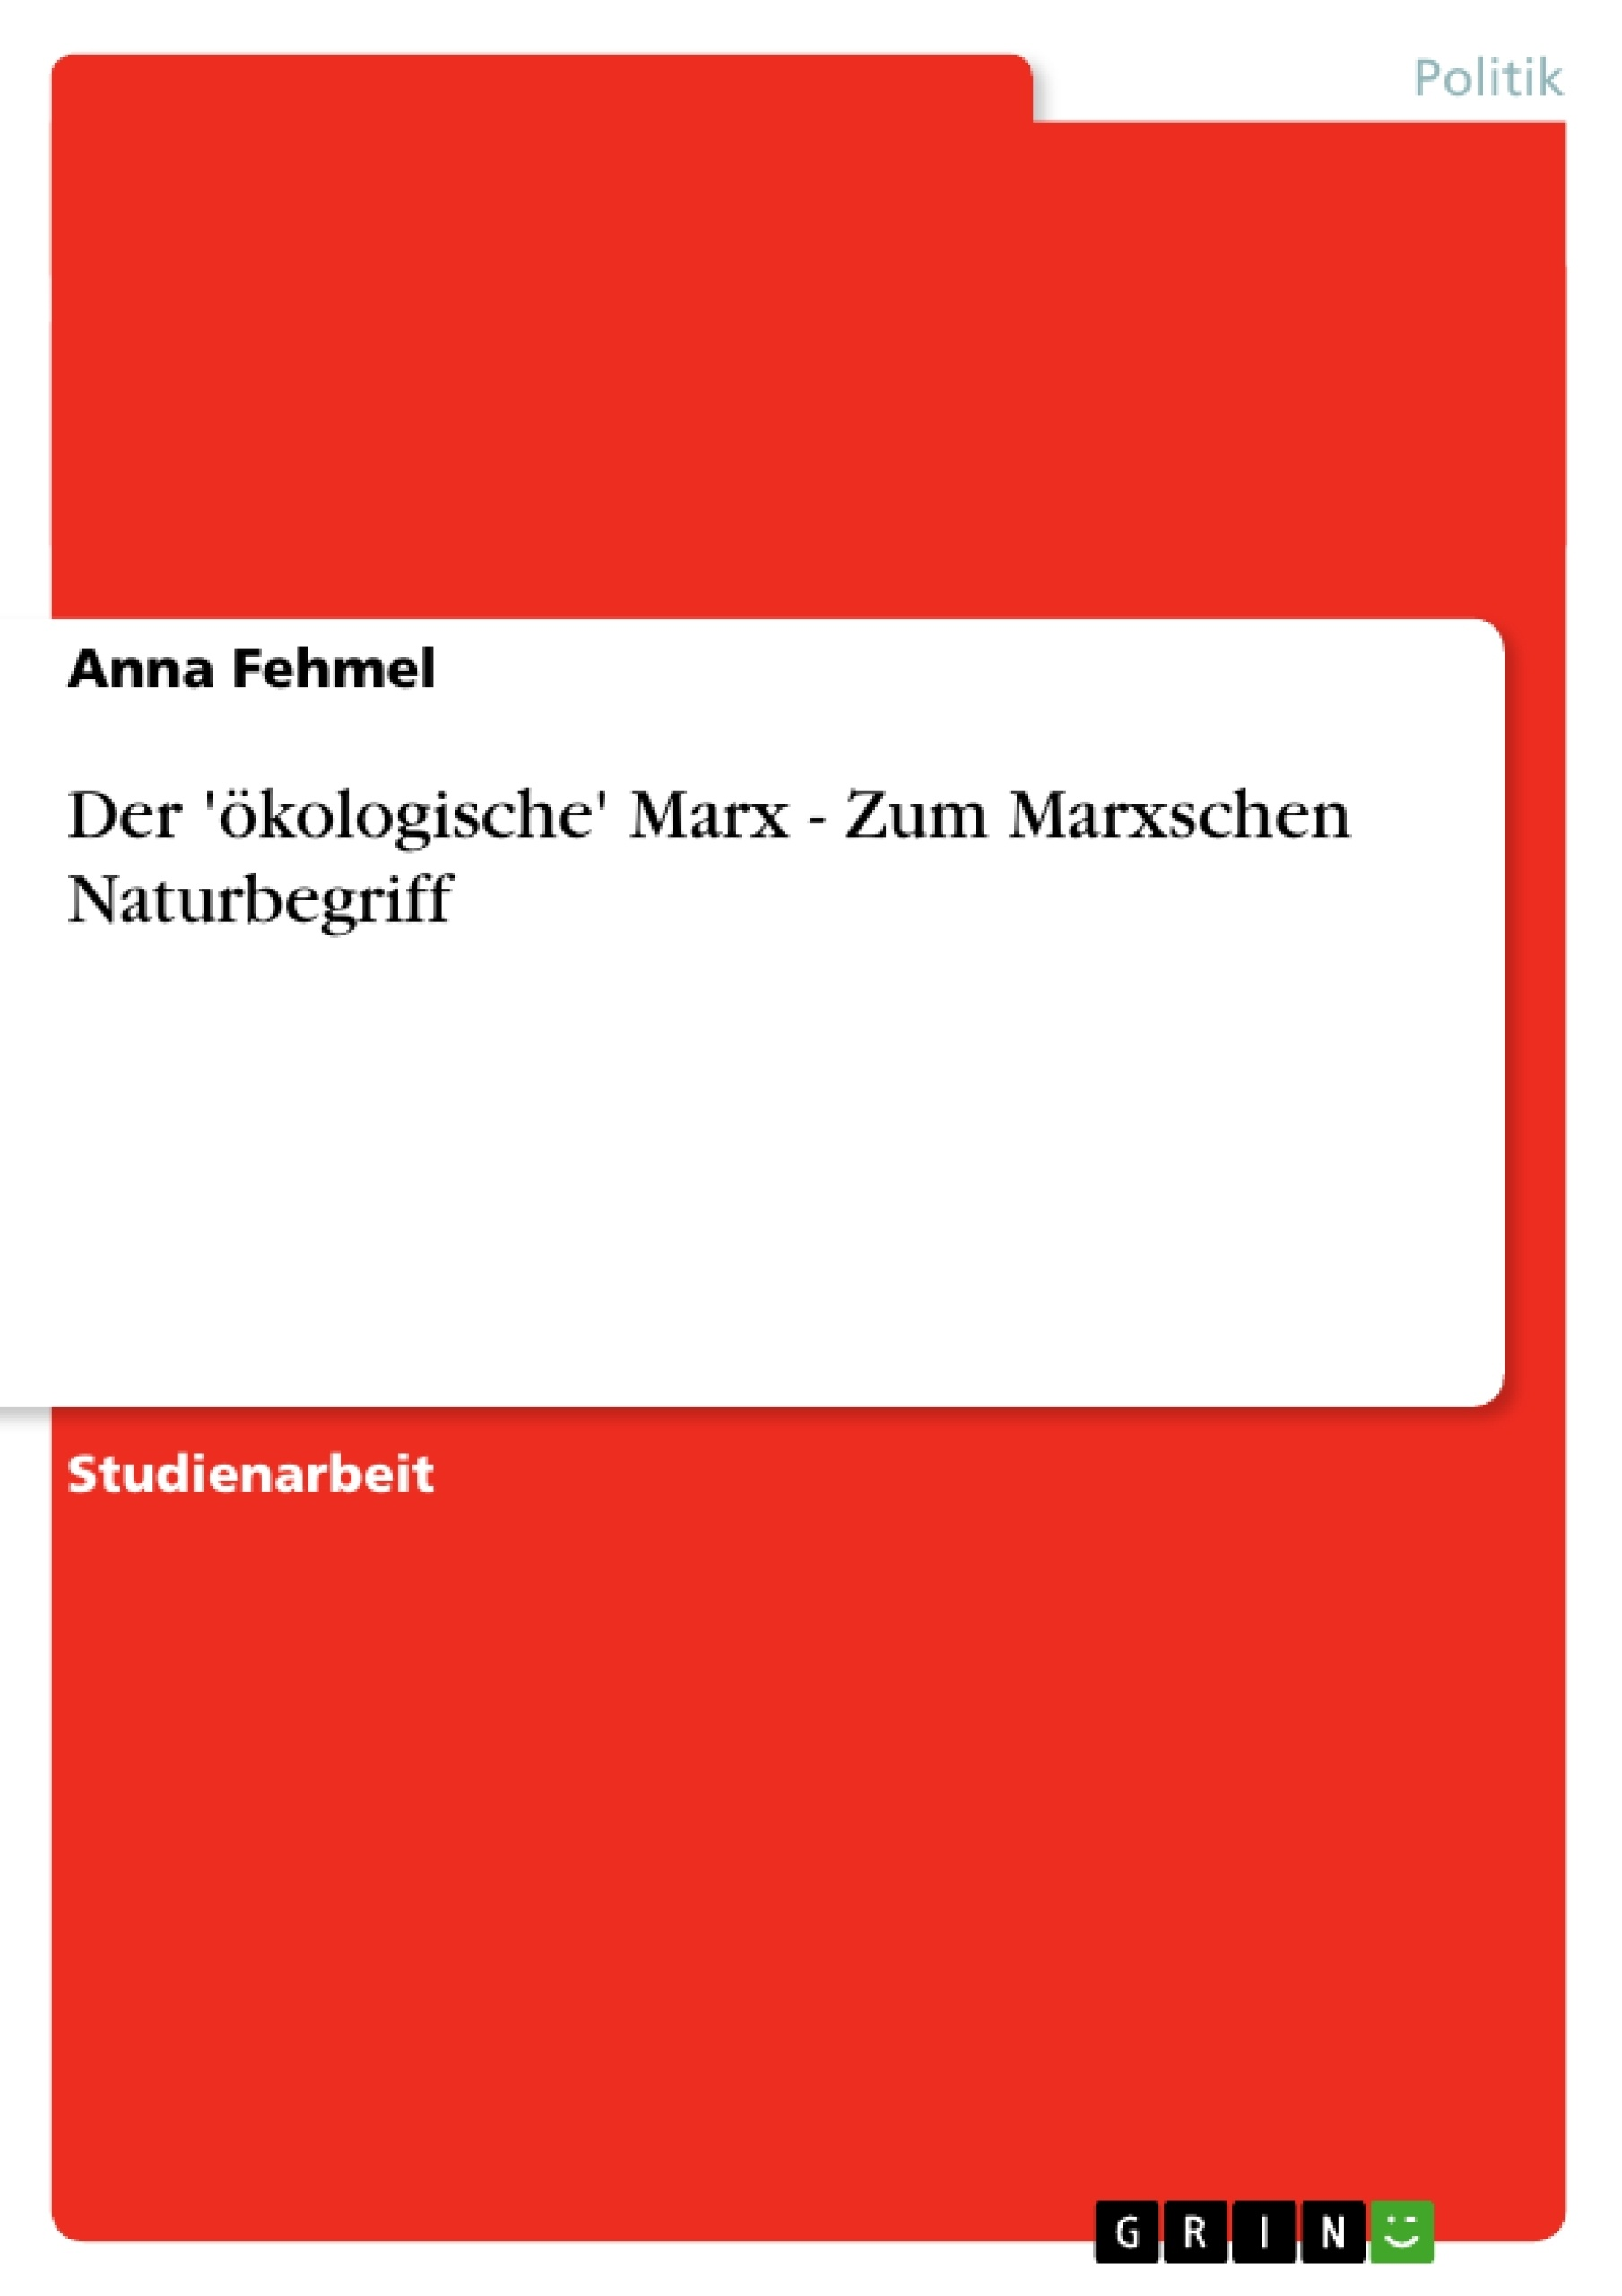 Titel: Der 'ökologische' Marx - Zum Marxschen Naturbegriff